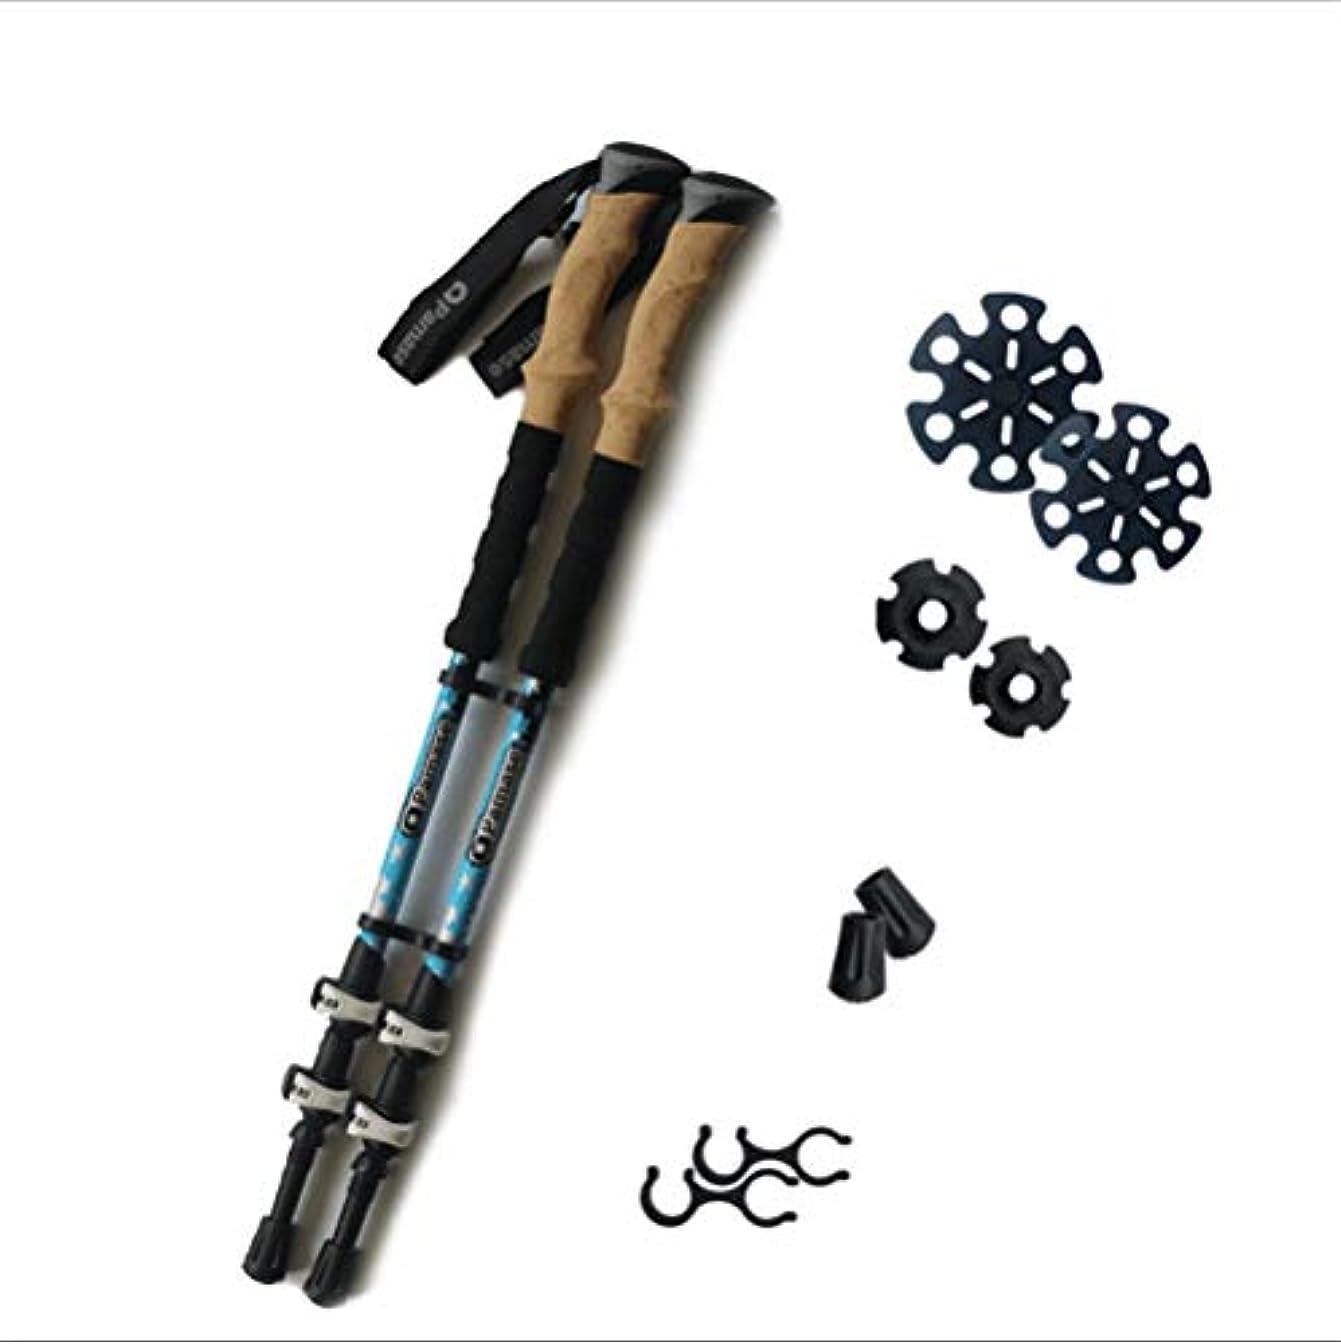 スコアシャーロットブロンテ着実に1組のトレッキングポールアルミ合金シャフト快適なハンドグリップ調節可能なリストストラップマッドトレーツイストロックショックプルーフシステム